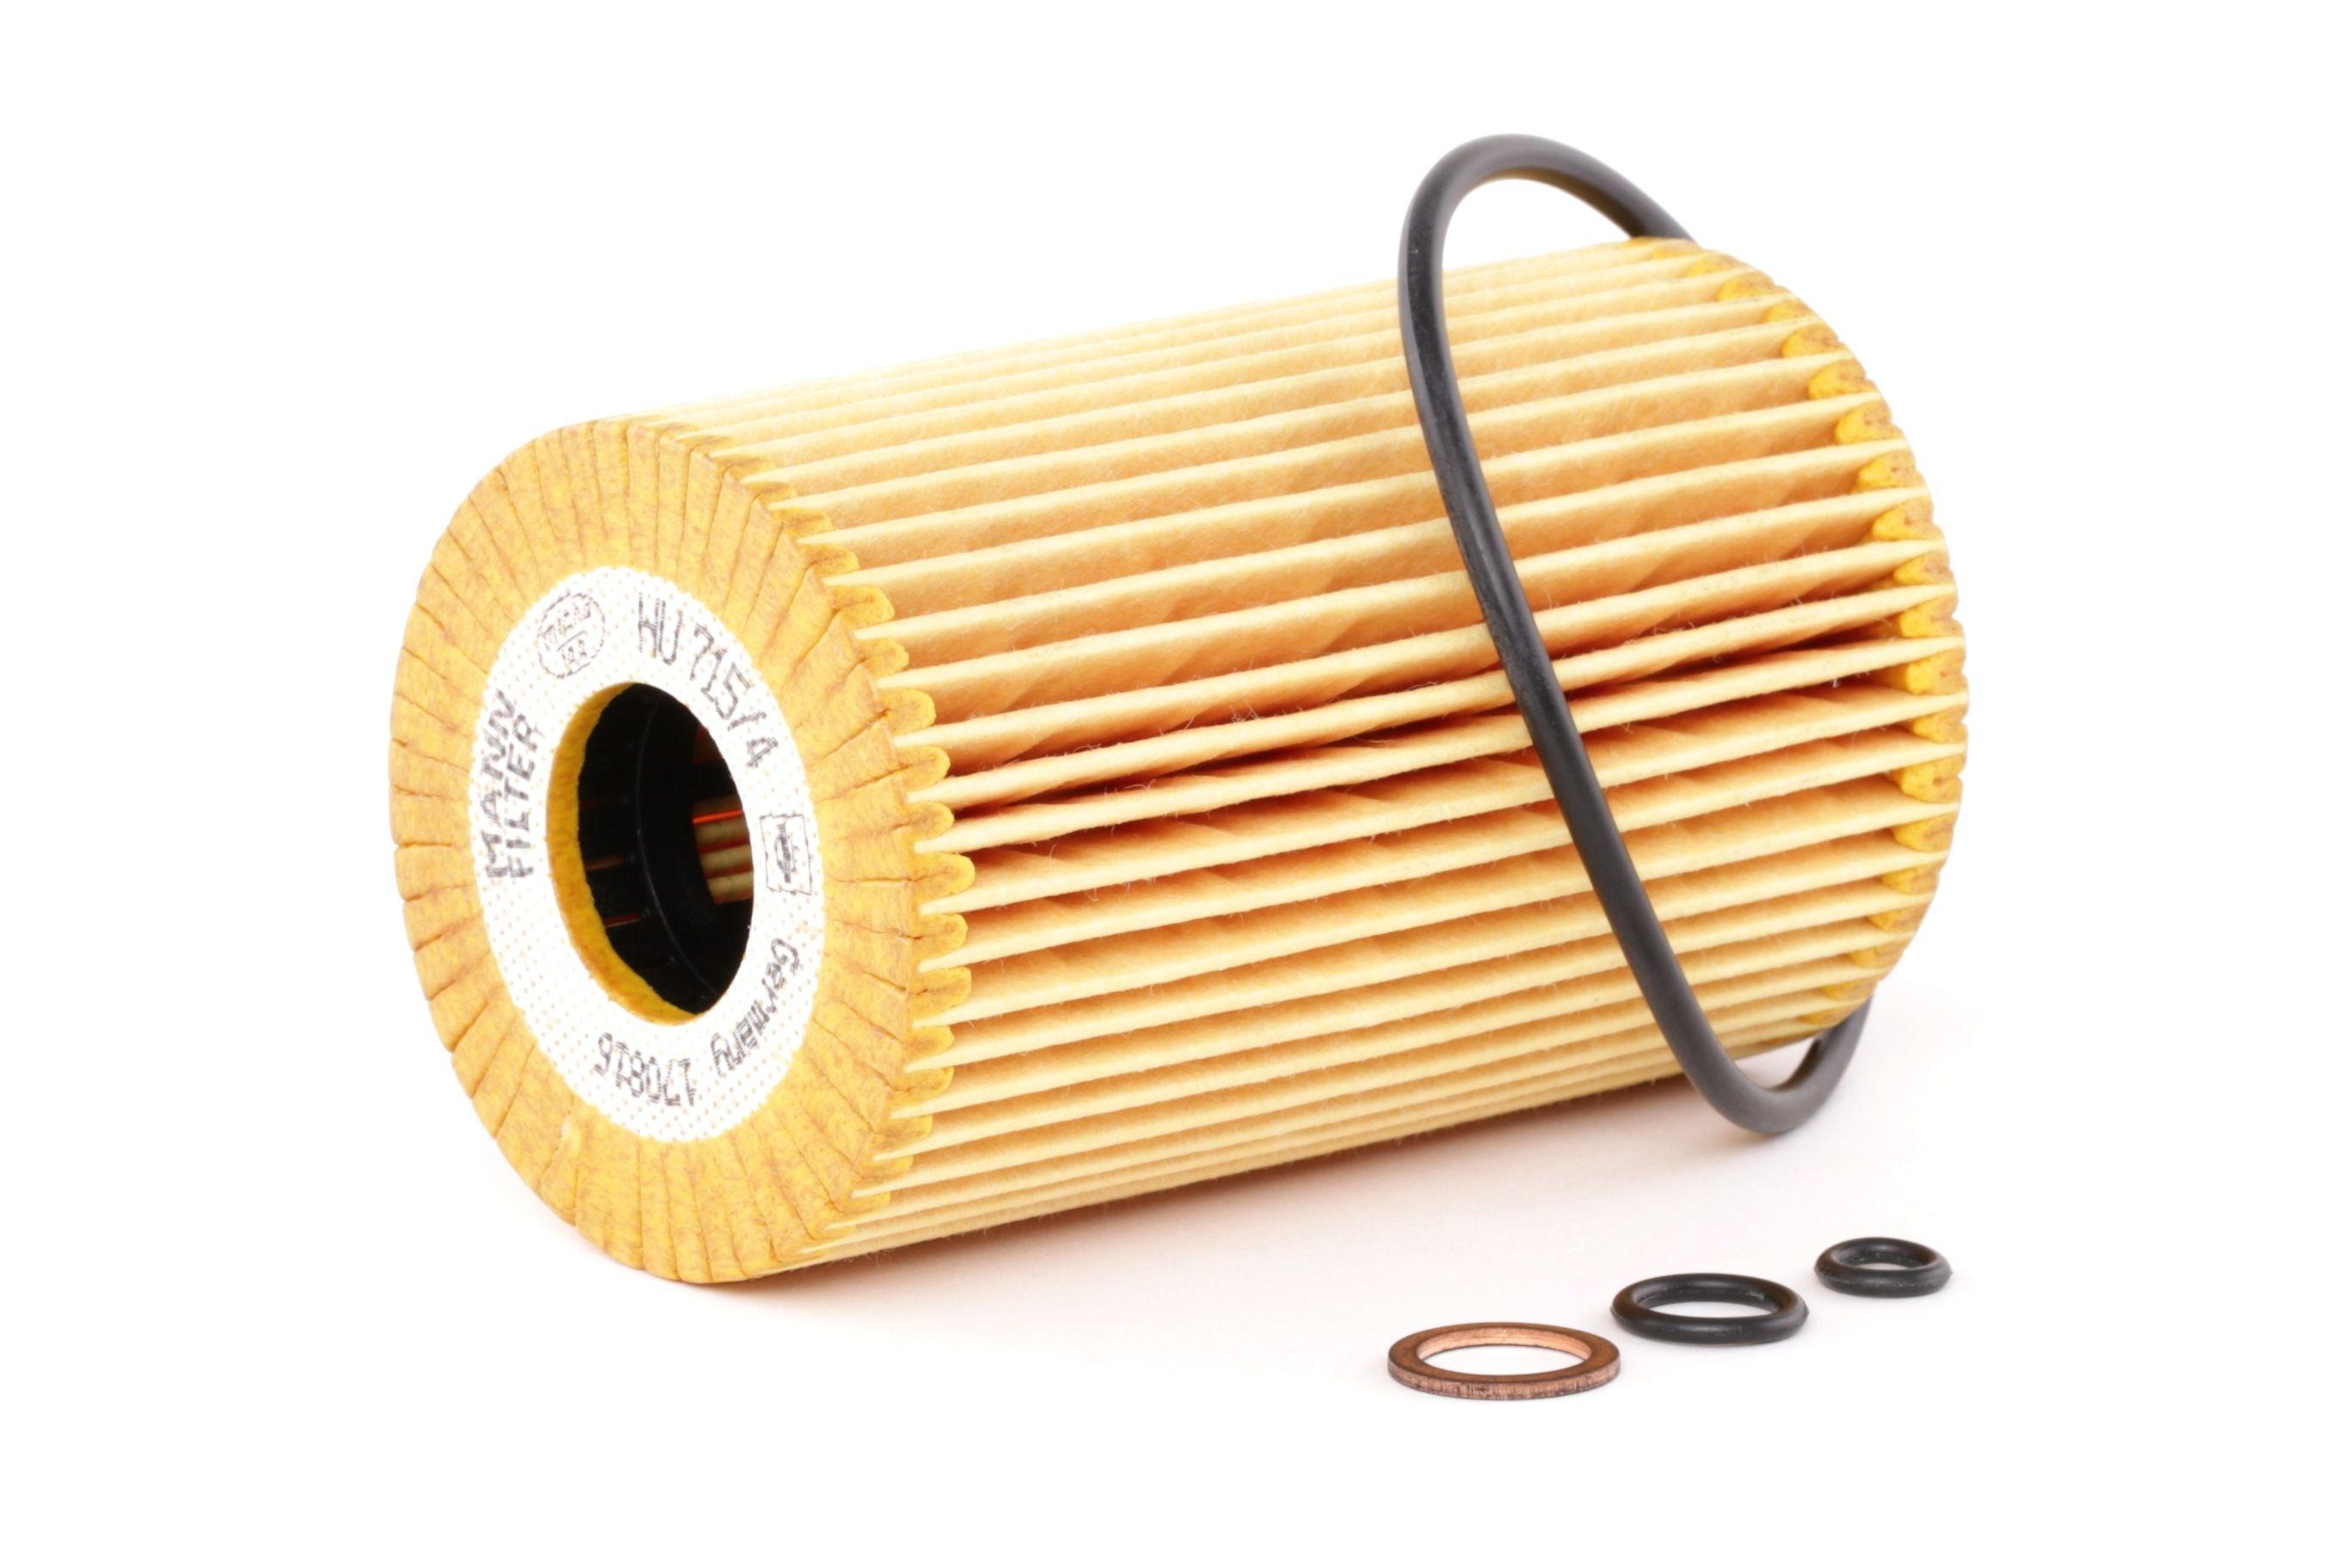 Comprare HU 715/4 x MANN-FILTER con guarnizioni Diametro interno: 25mm, Ø: 64mm, Alt.: 102mm Filtro olio HU 715/4 x poco costoso